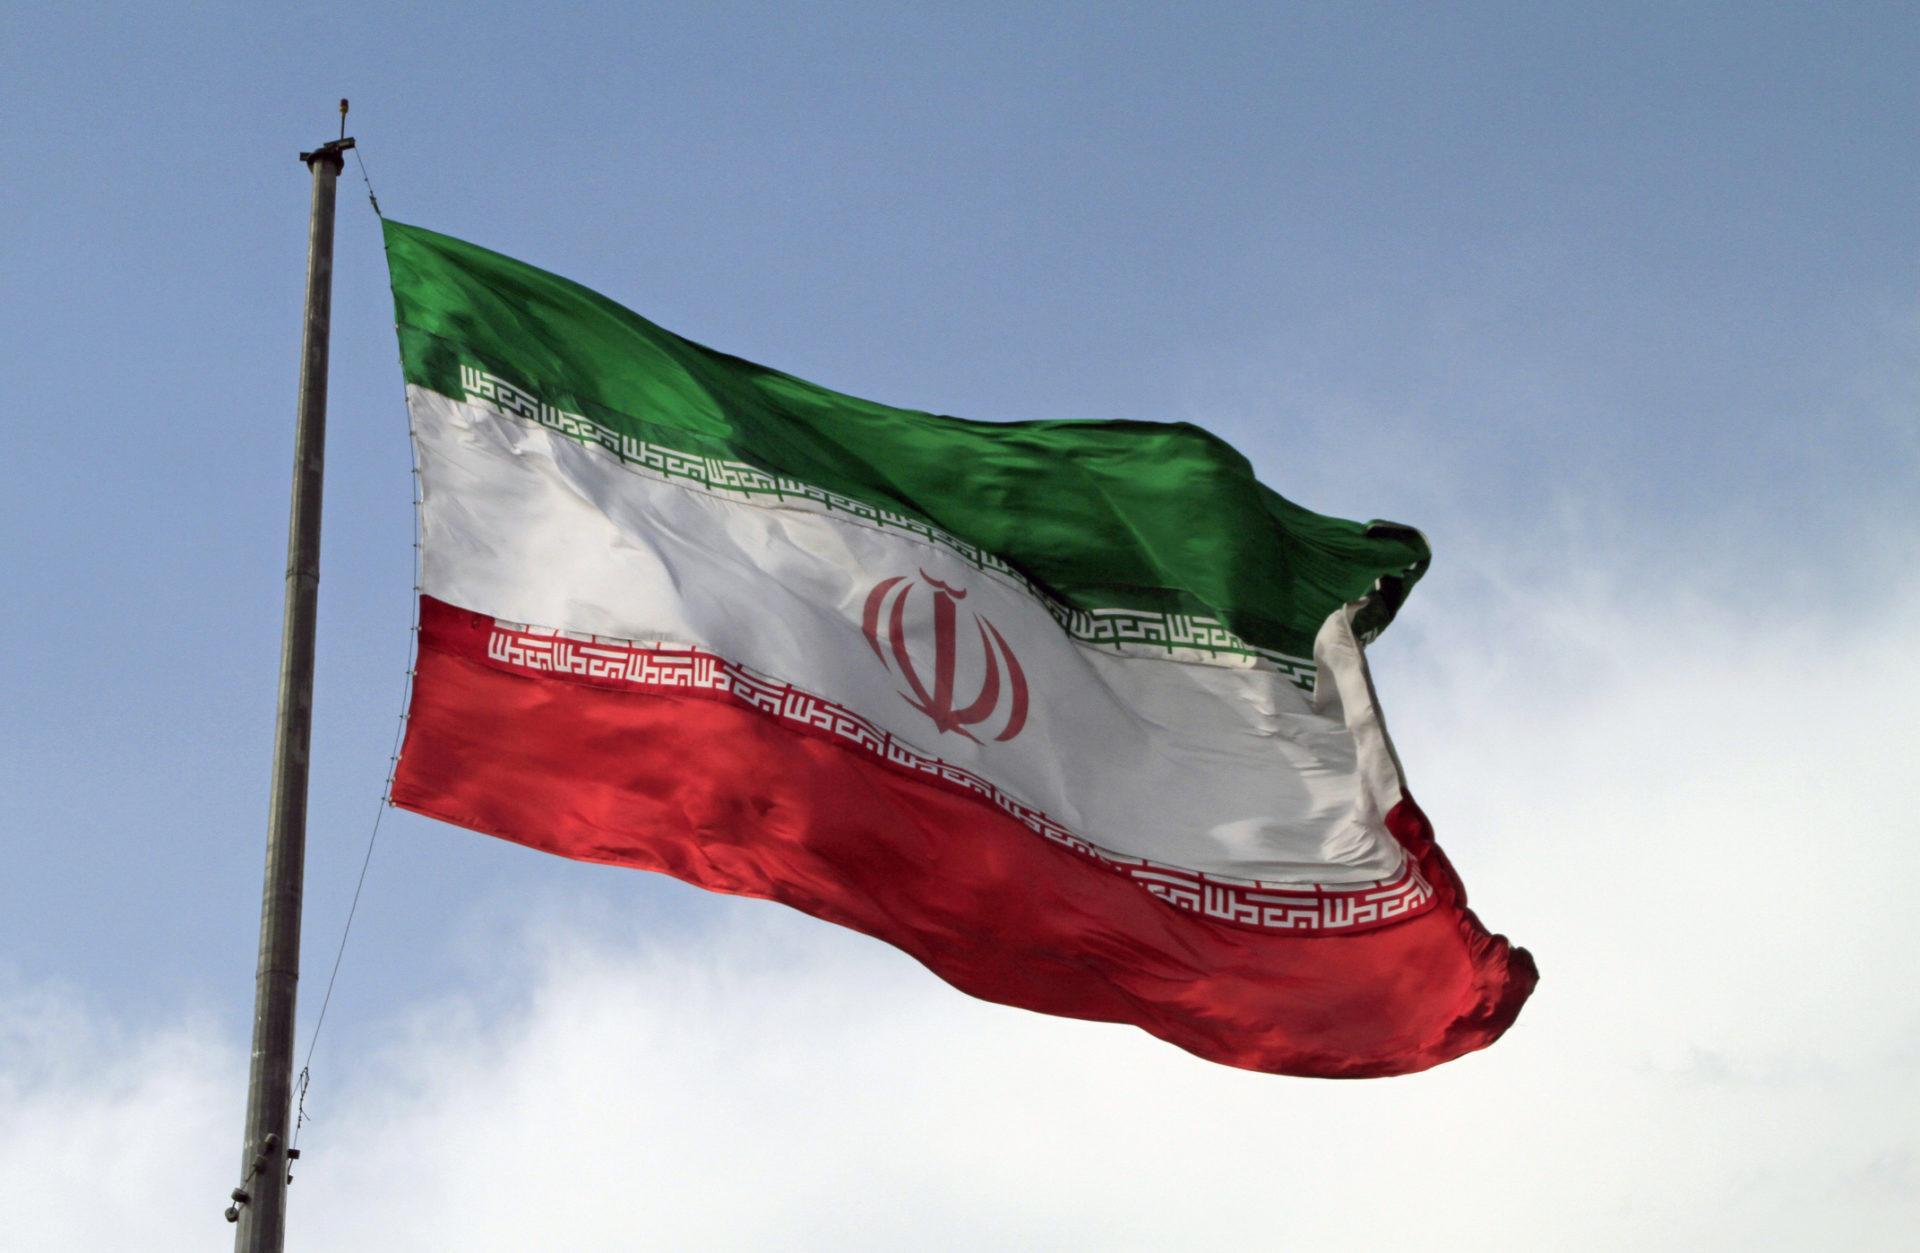 דרכון פורטוגלי ליוצאי איראן – מי זכאי לדרכון פורטוגלי: